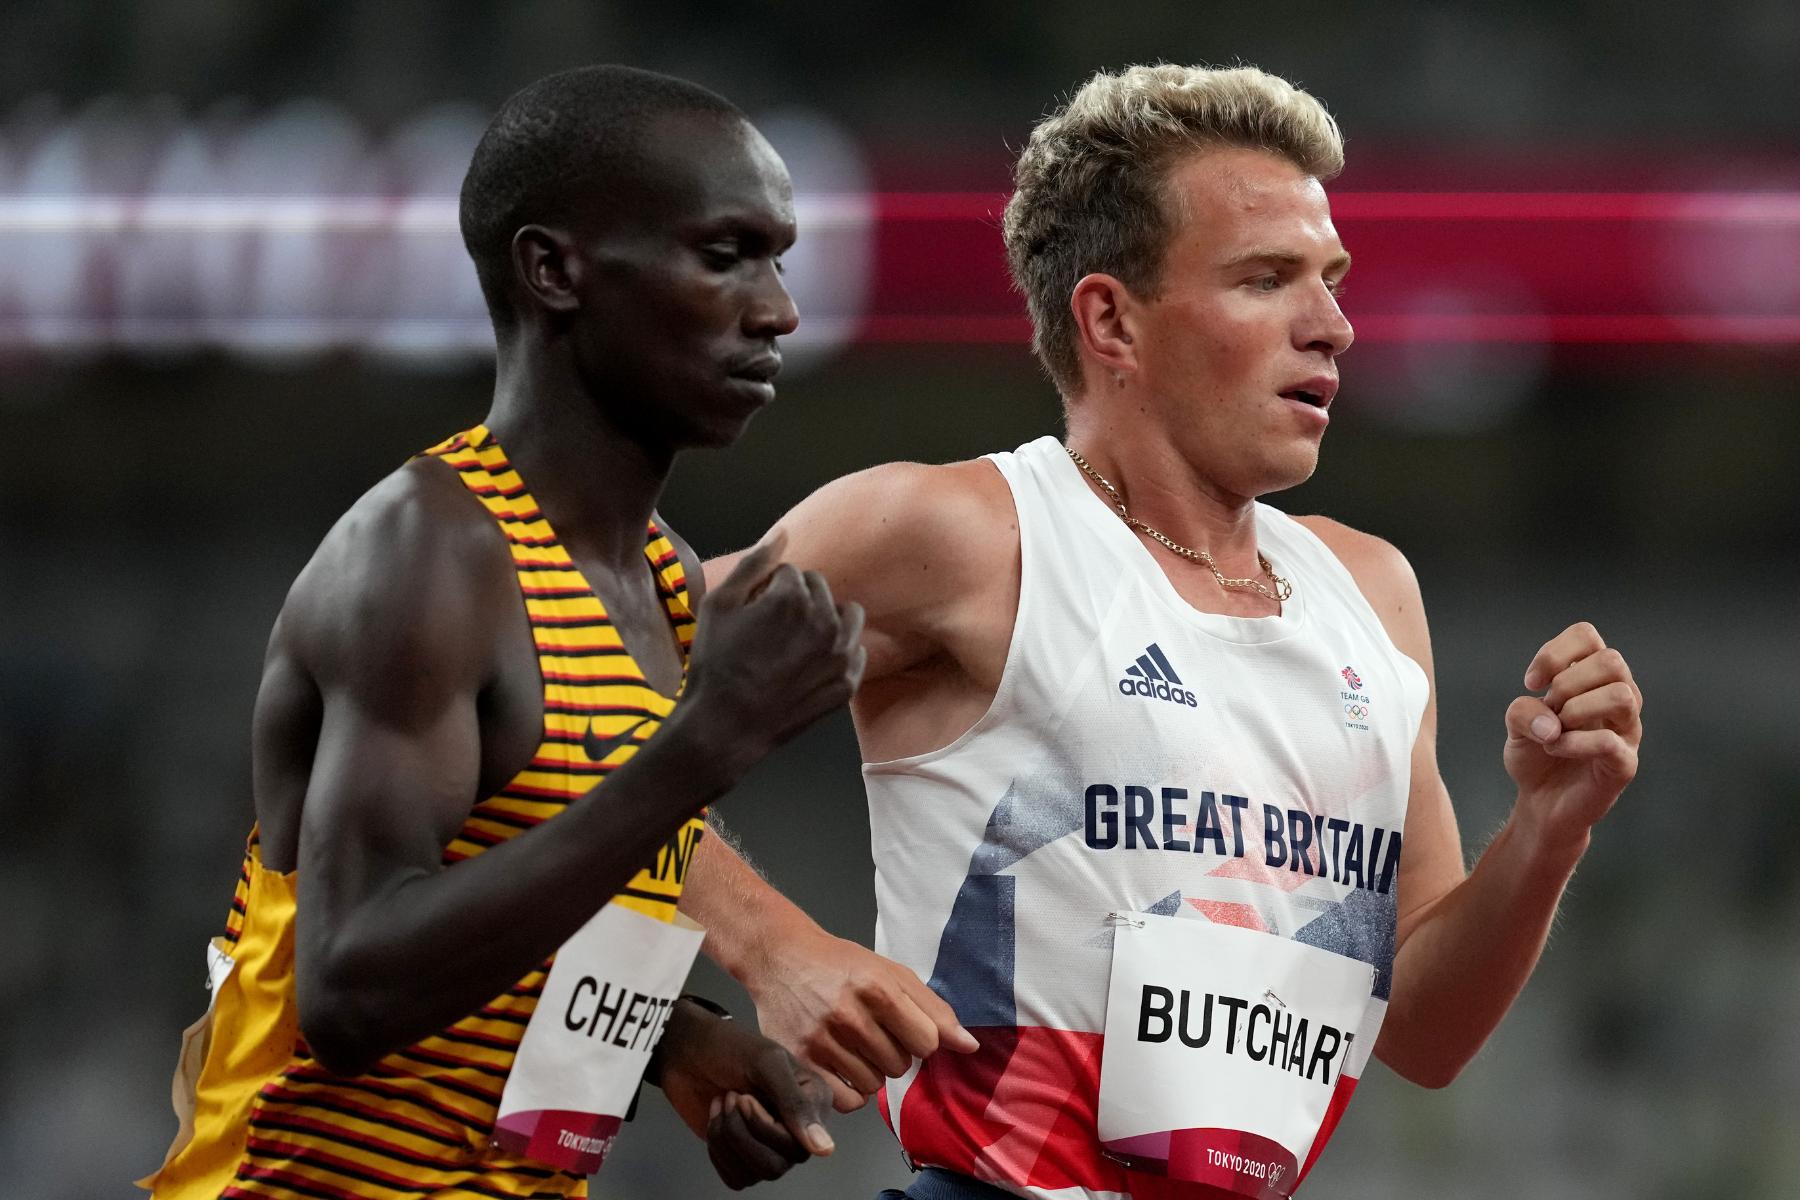 La directora de atletismo del Reino Unido, Sara Symington, resta importancia a los fondos retirados para el corredor Andy Butchart